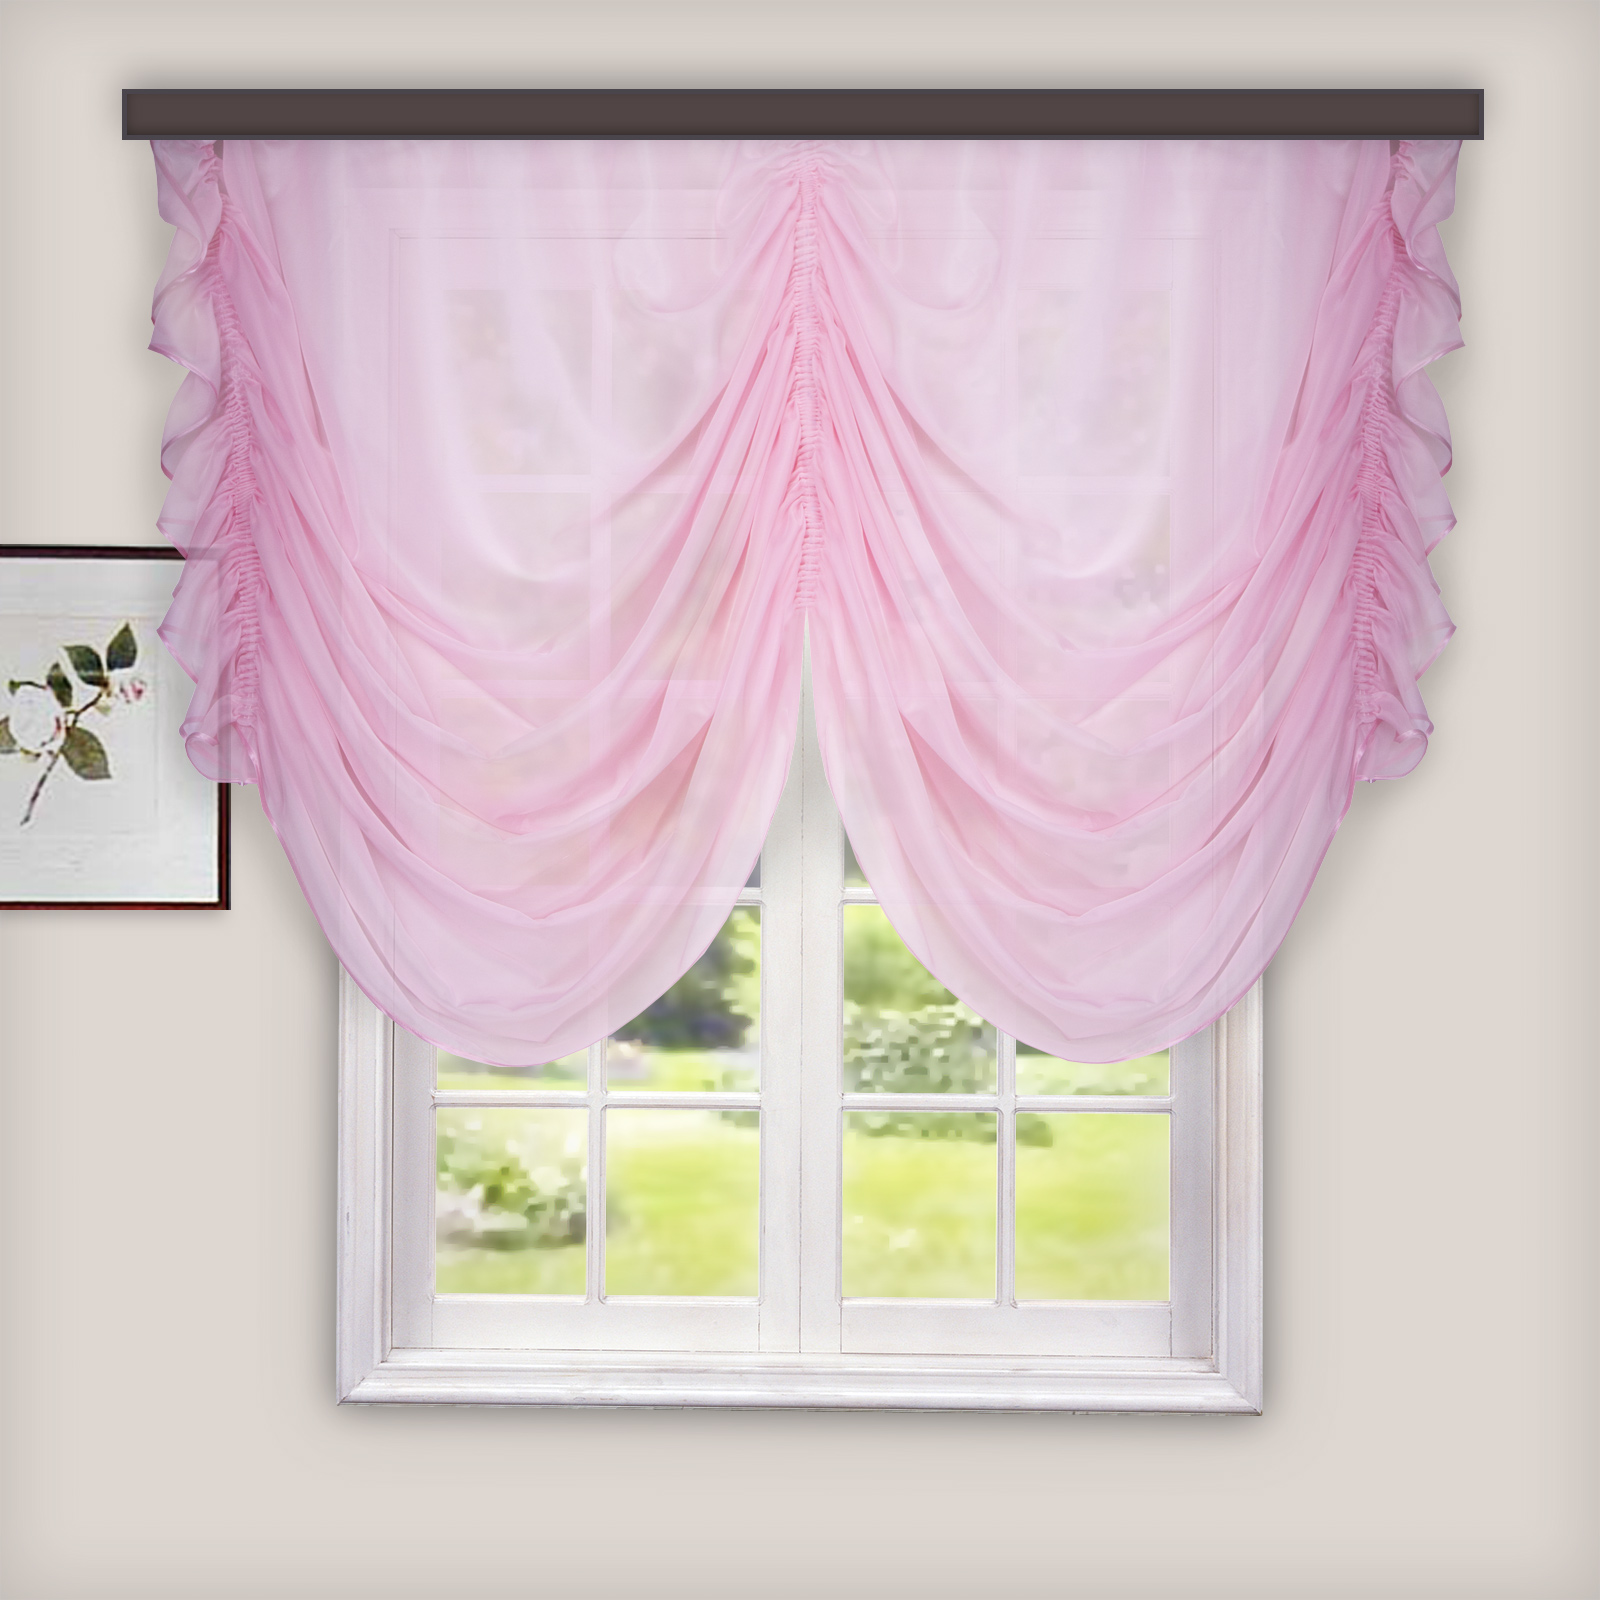 Комплект штор для кухни Witerra Классика, 280 х 250, цвет: светло розовый шторы для кухни фото дизайн 2017 года новинки